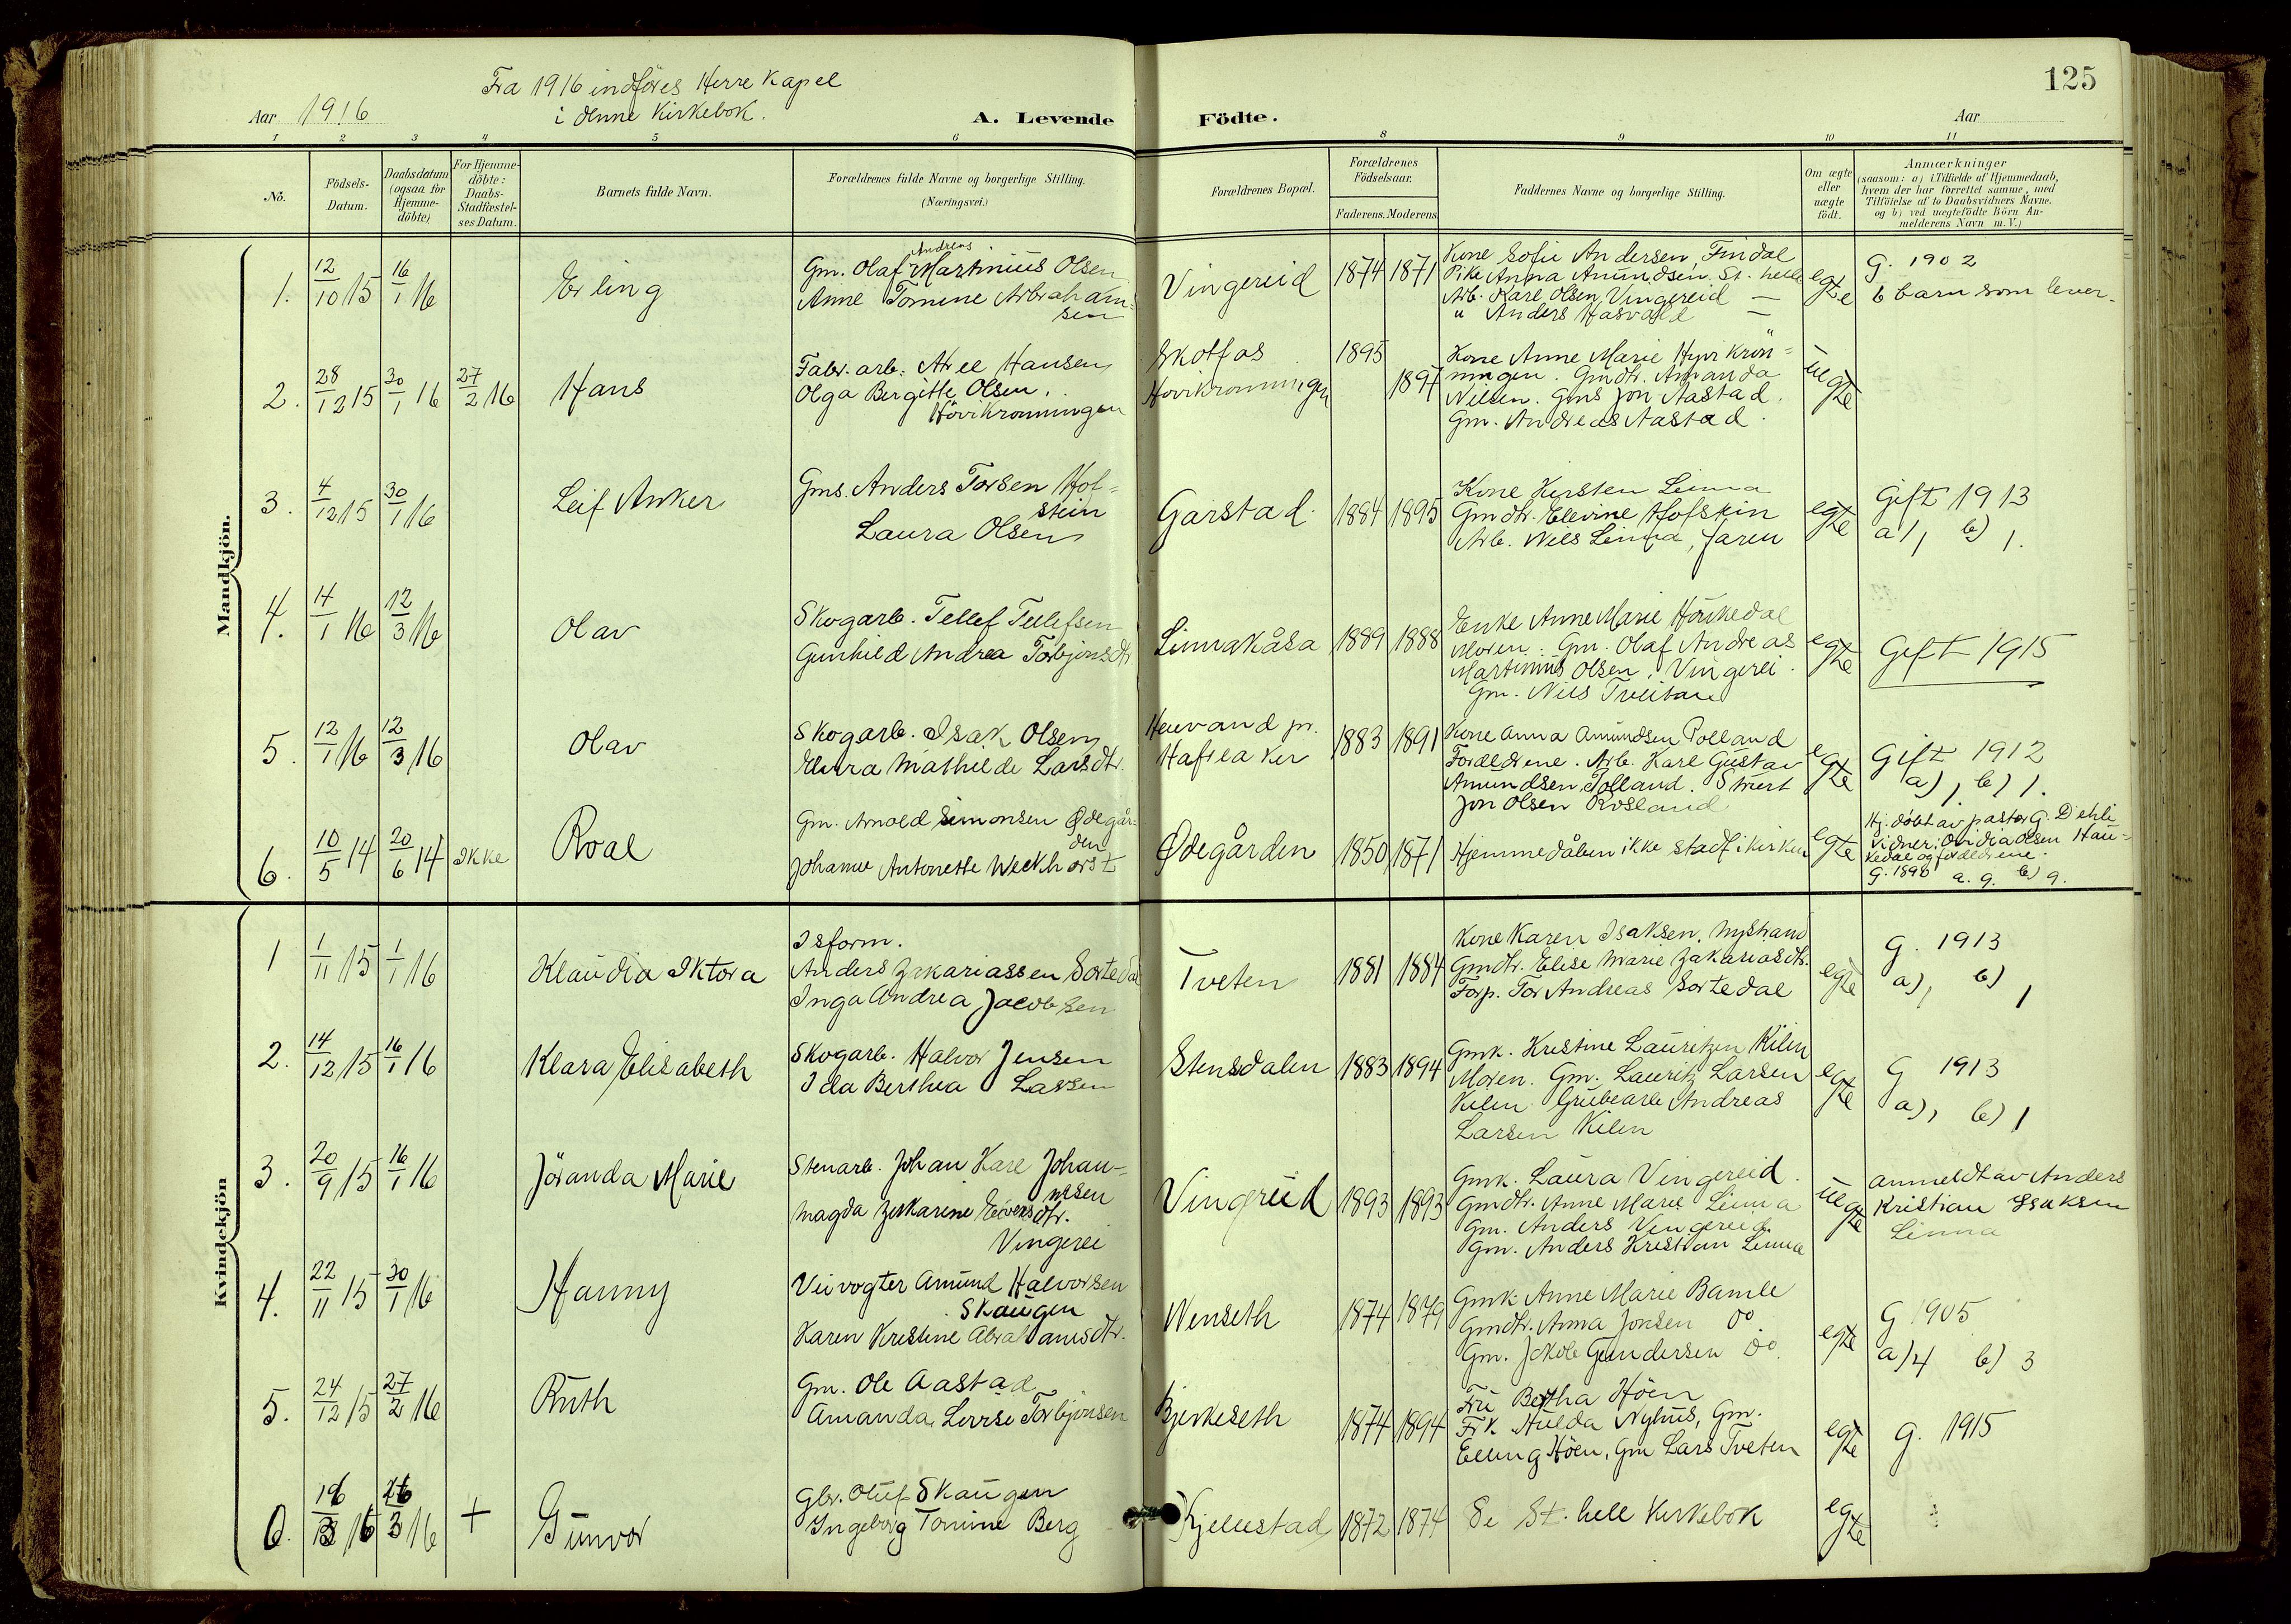 SAKO, Bamble kirkebøker, G/Ga/L0010: Klokkerbok nr. I 10, 1901-1919, s. 125